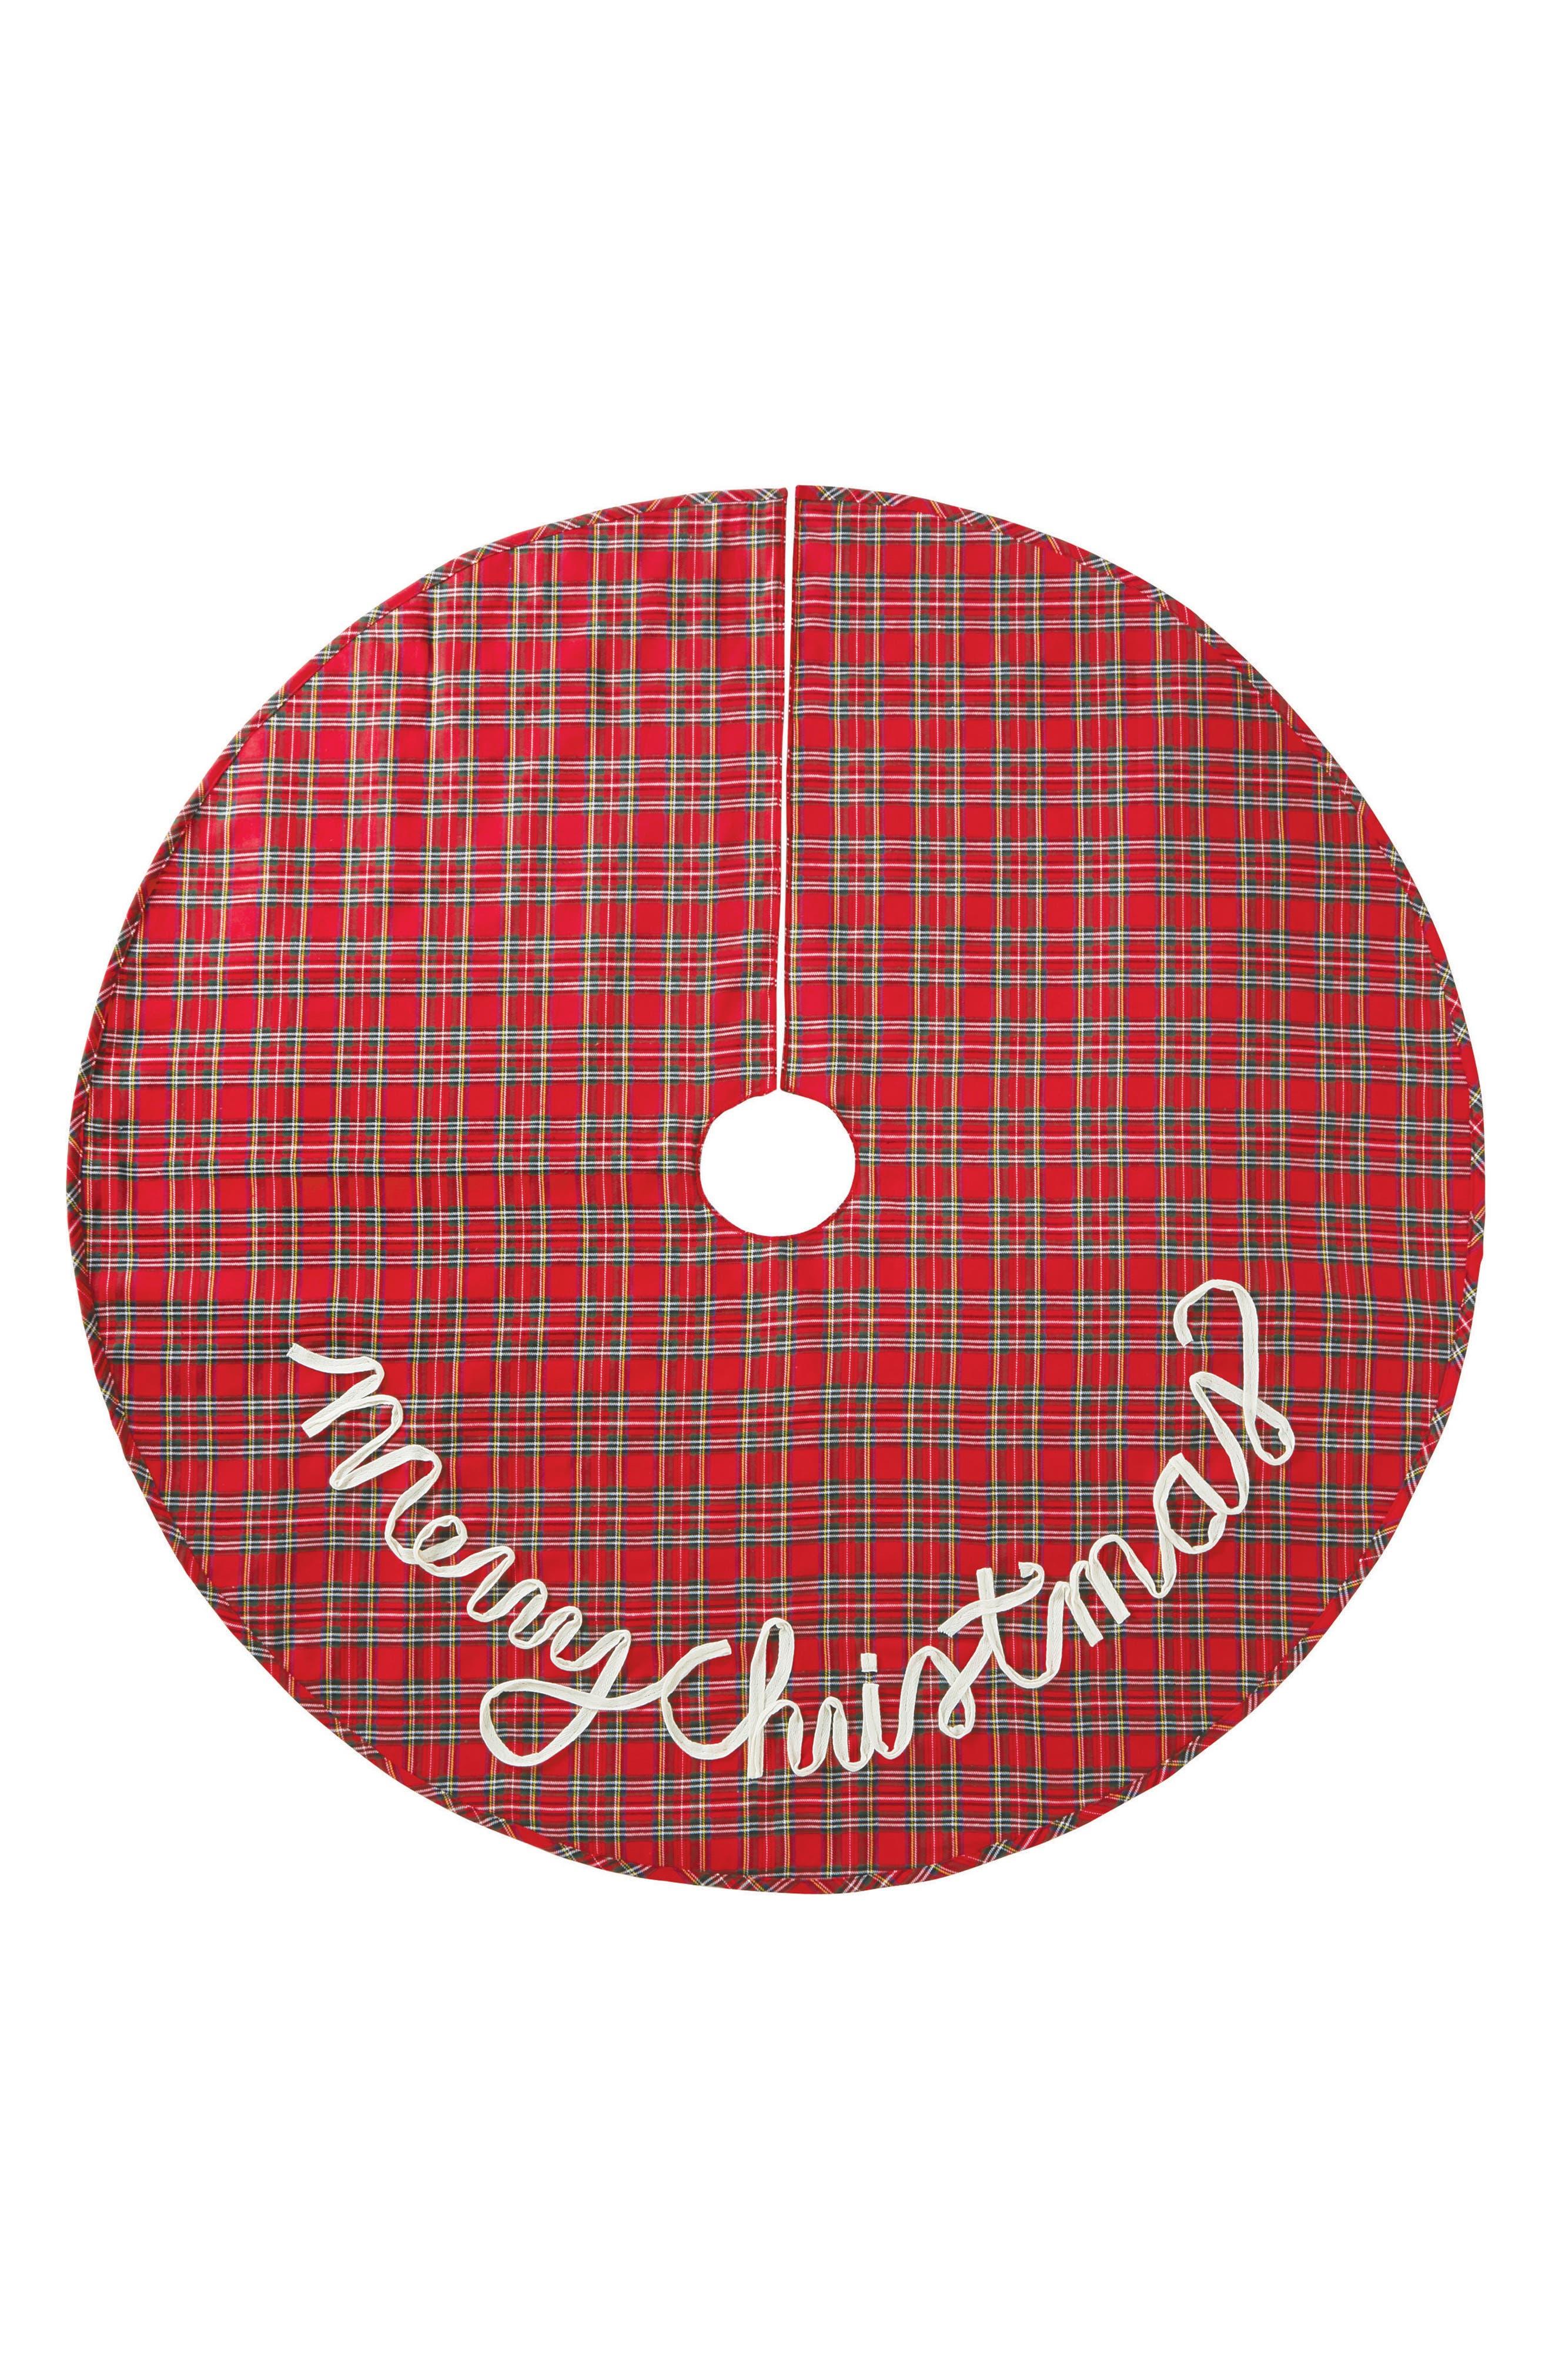 Main Image - Mud Pie Merry Christmas Tartan Christmas Tree Skirt